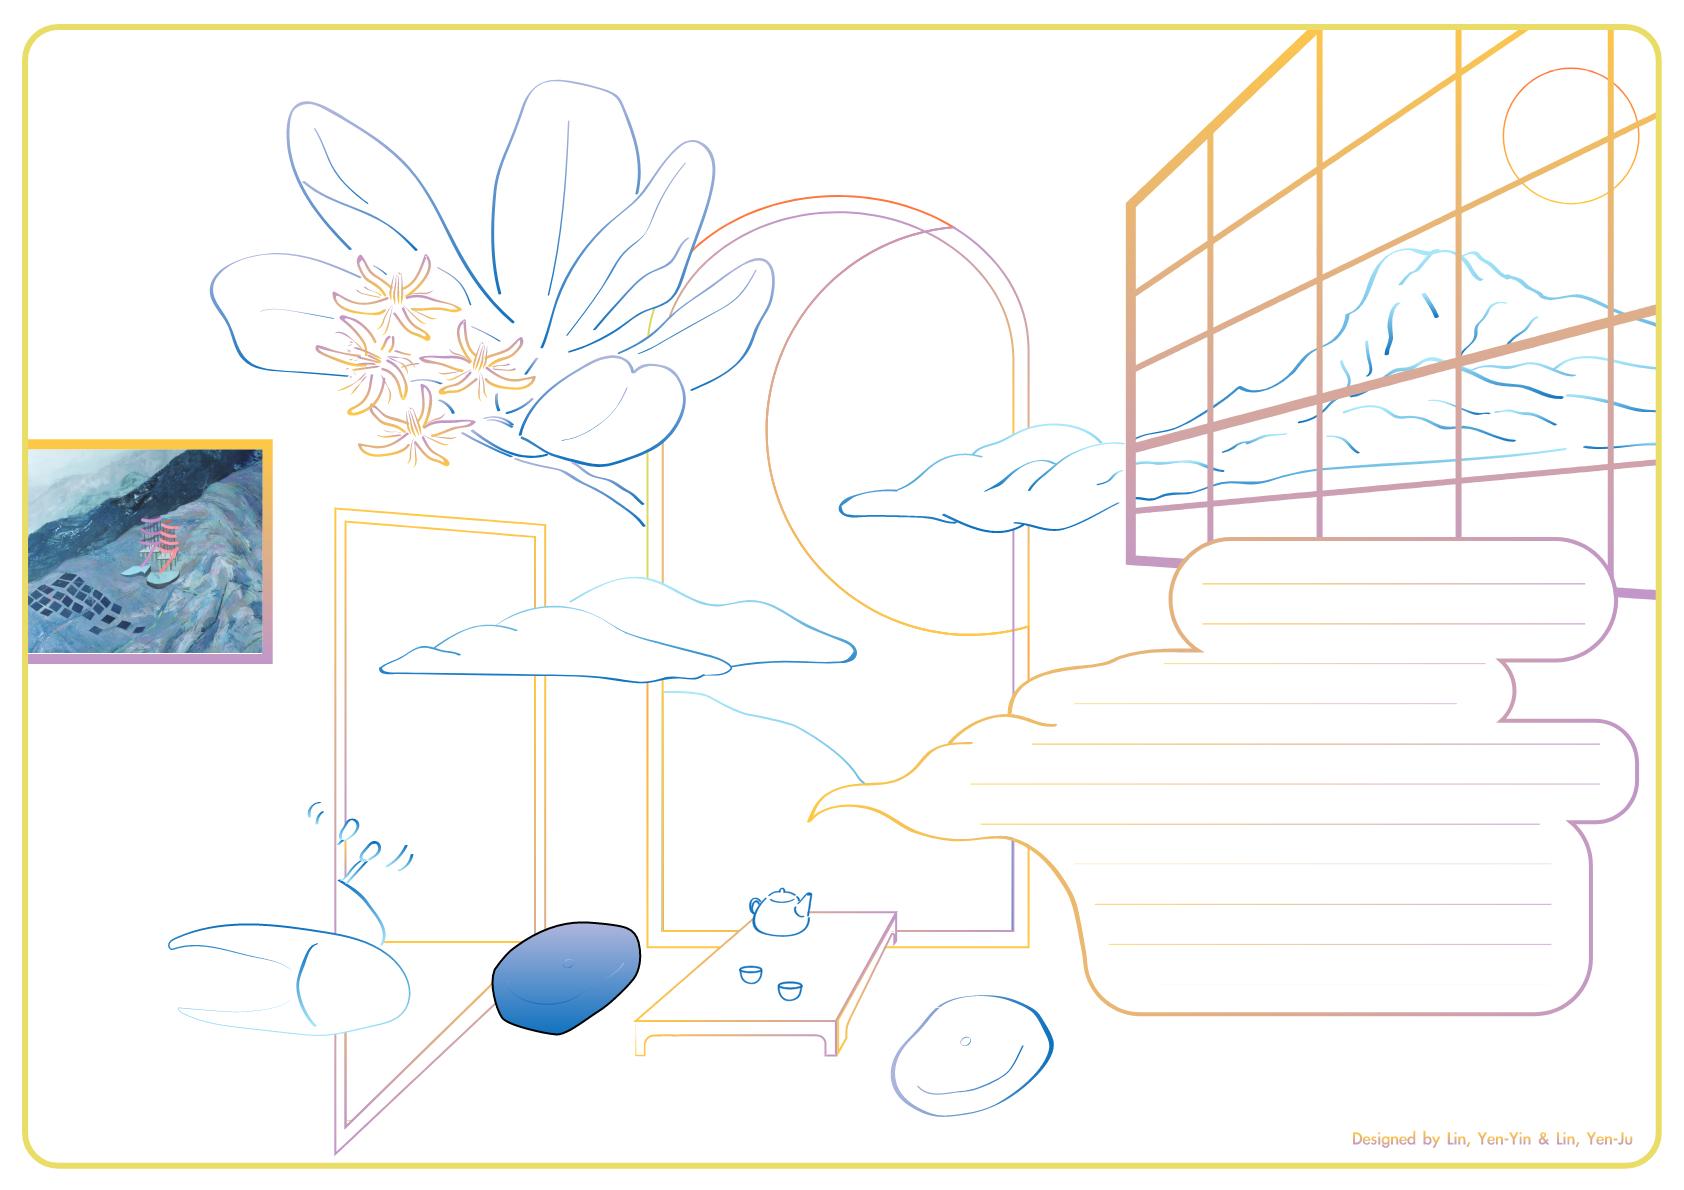 新北市國際藝術村-記憶屋計畫-著色畫-日式建築(作者:林晏印、林晏竹)